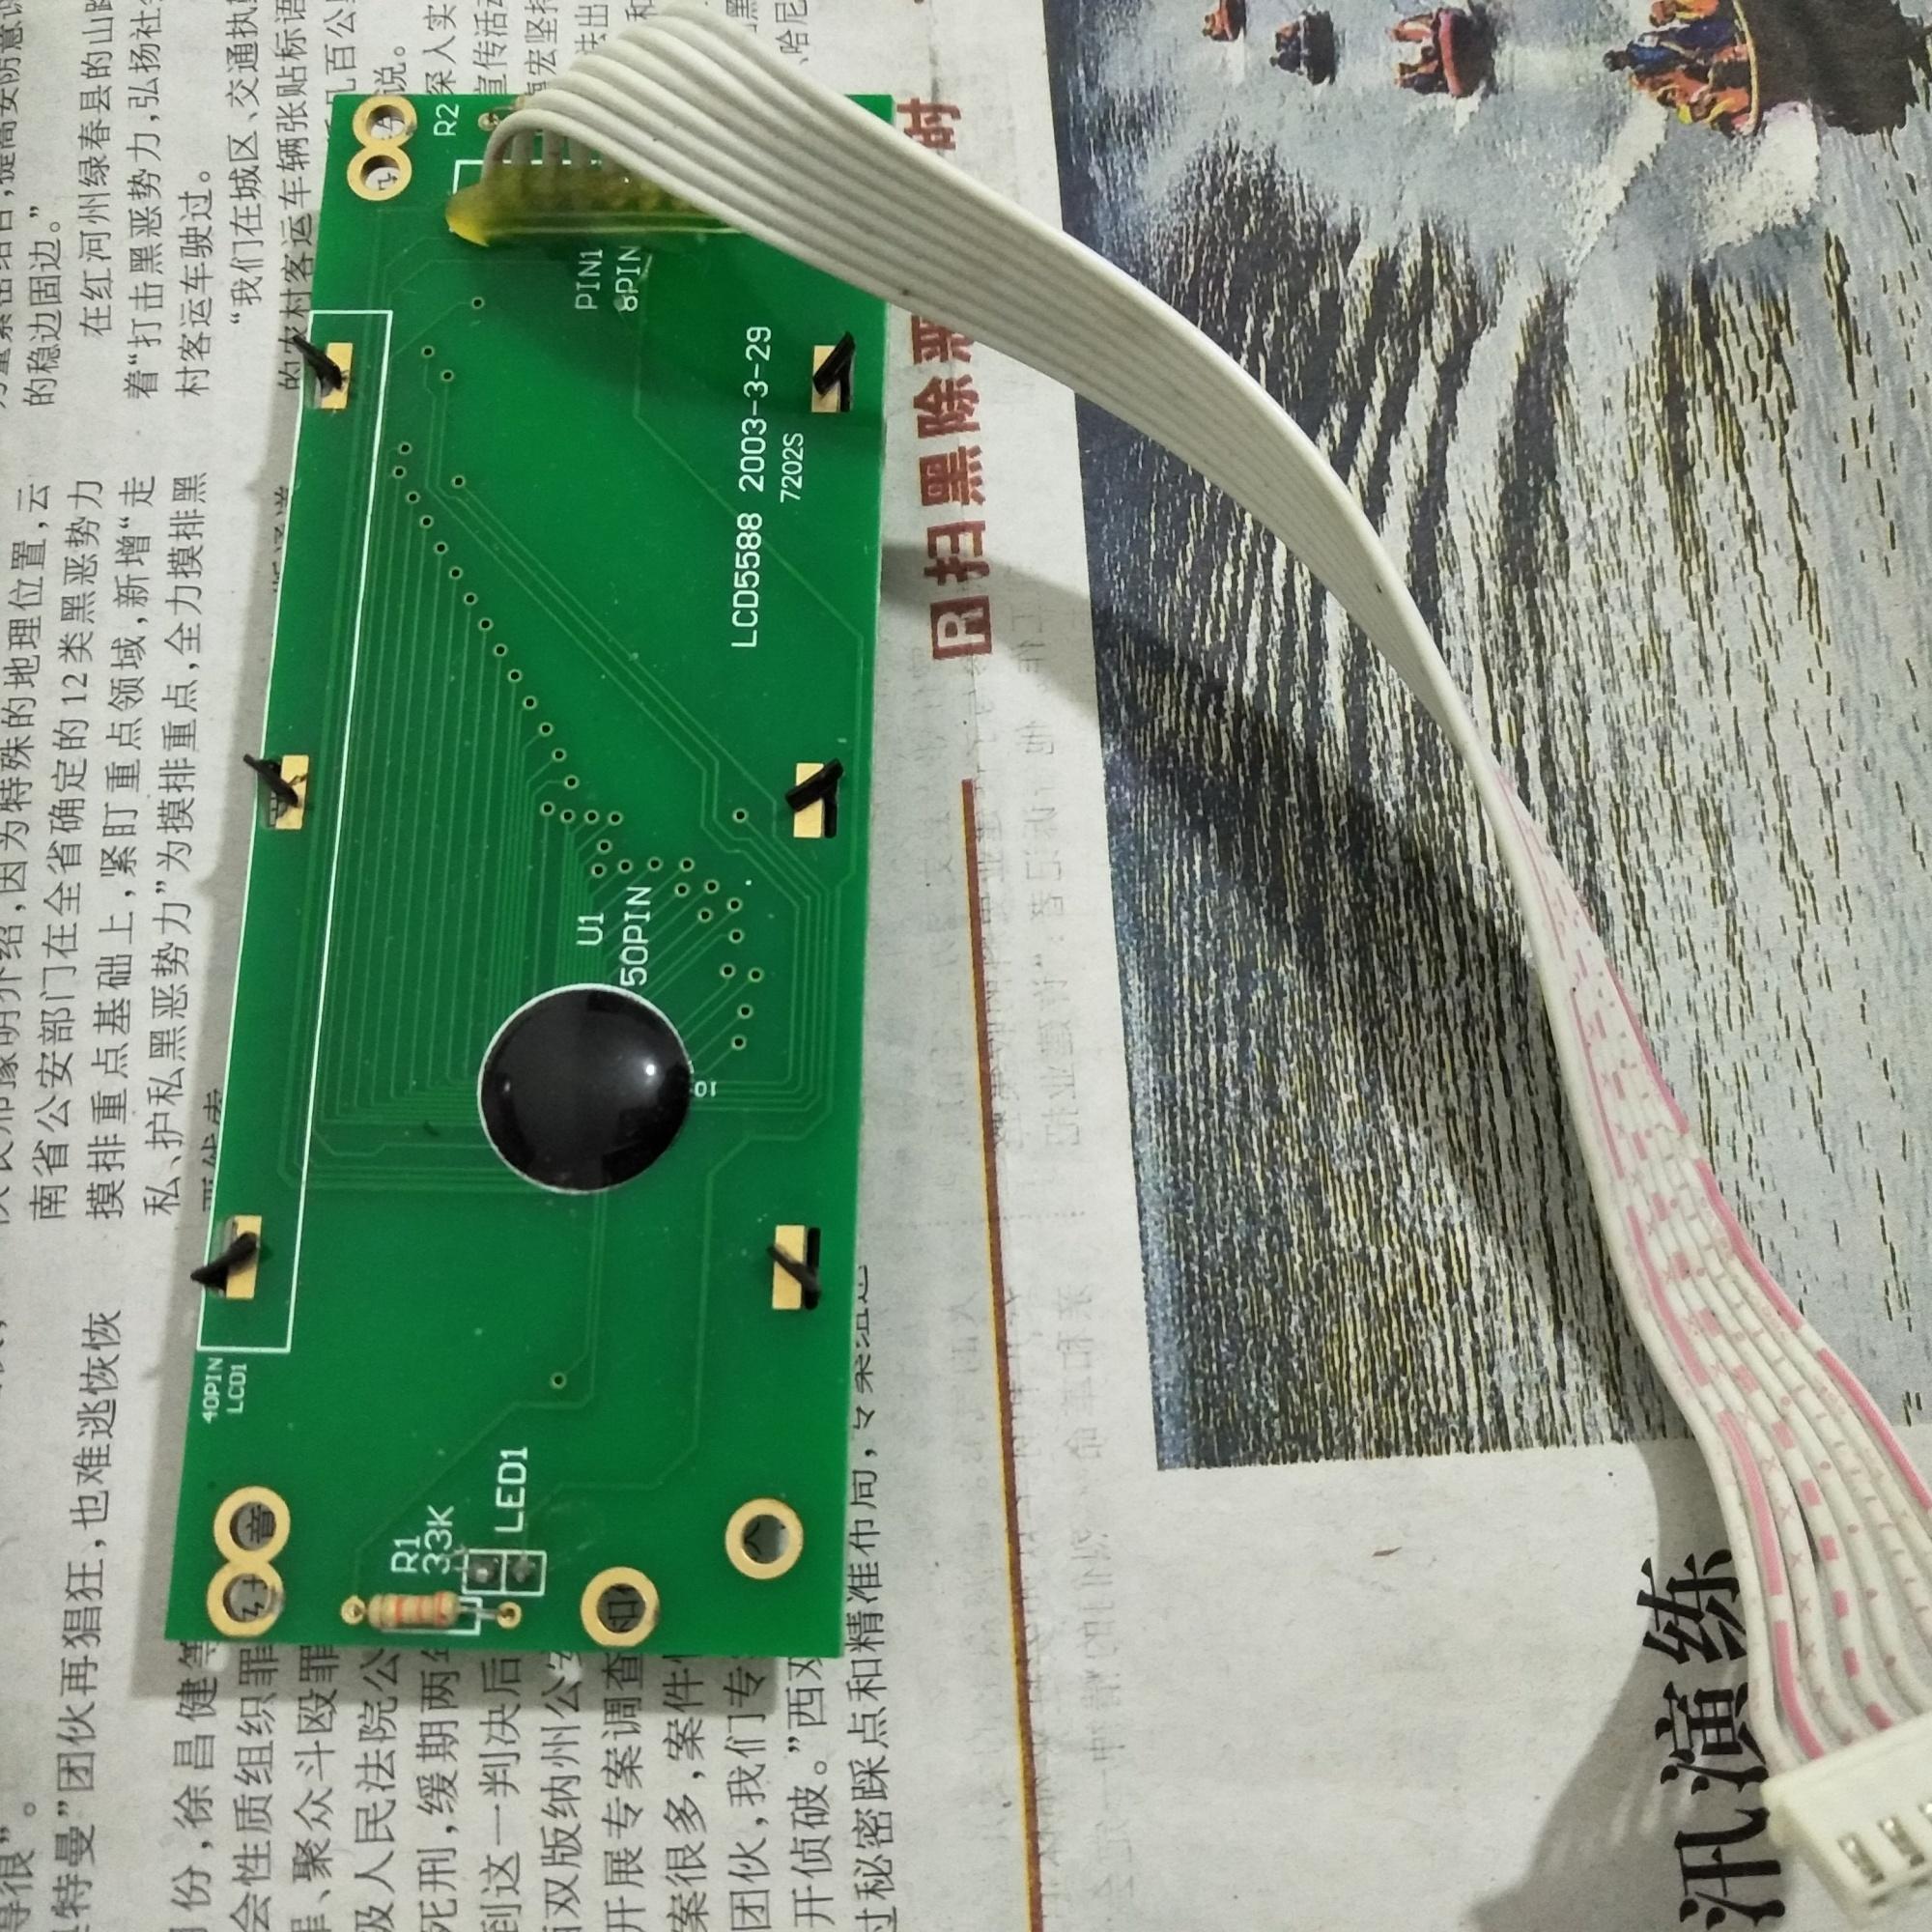 求LCD5588的资料、原理、功能、线路引脚接法,百度上搜不到